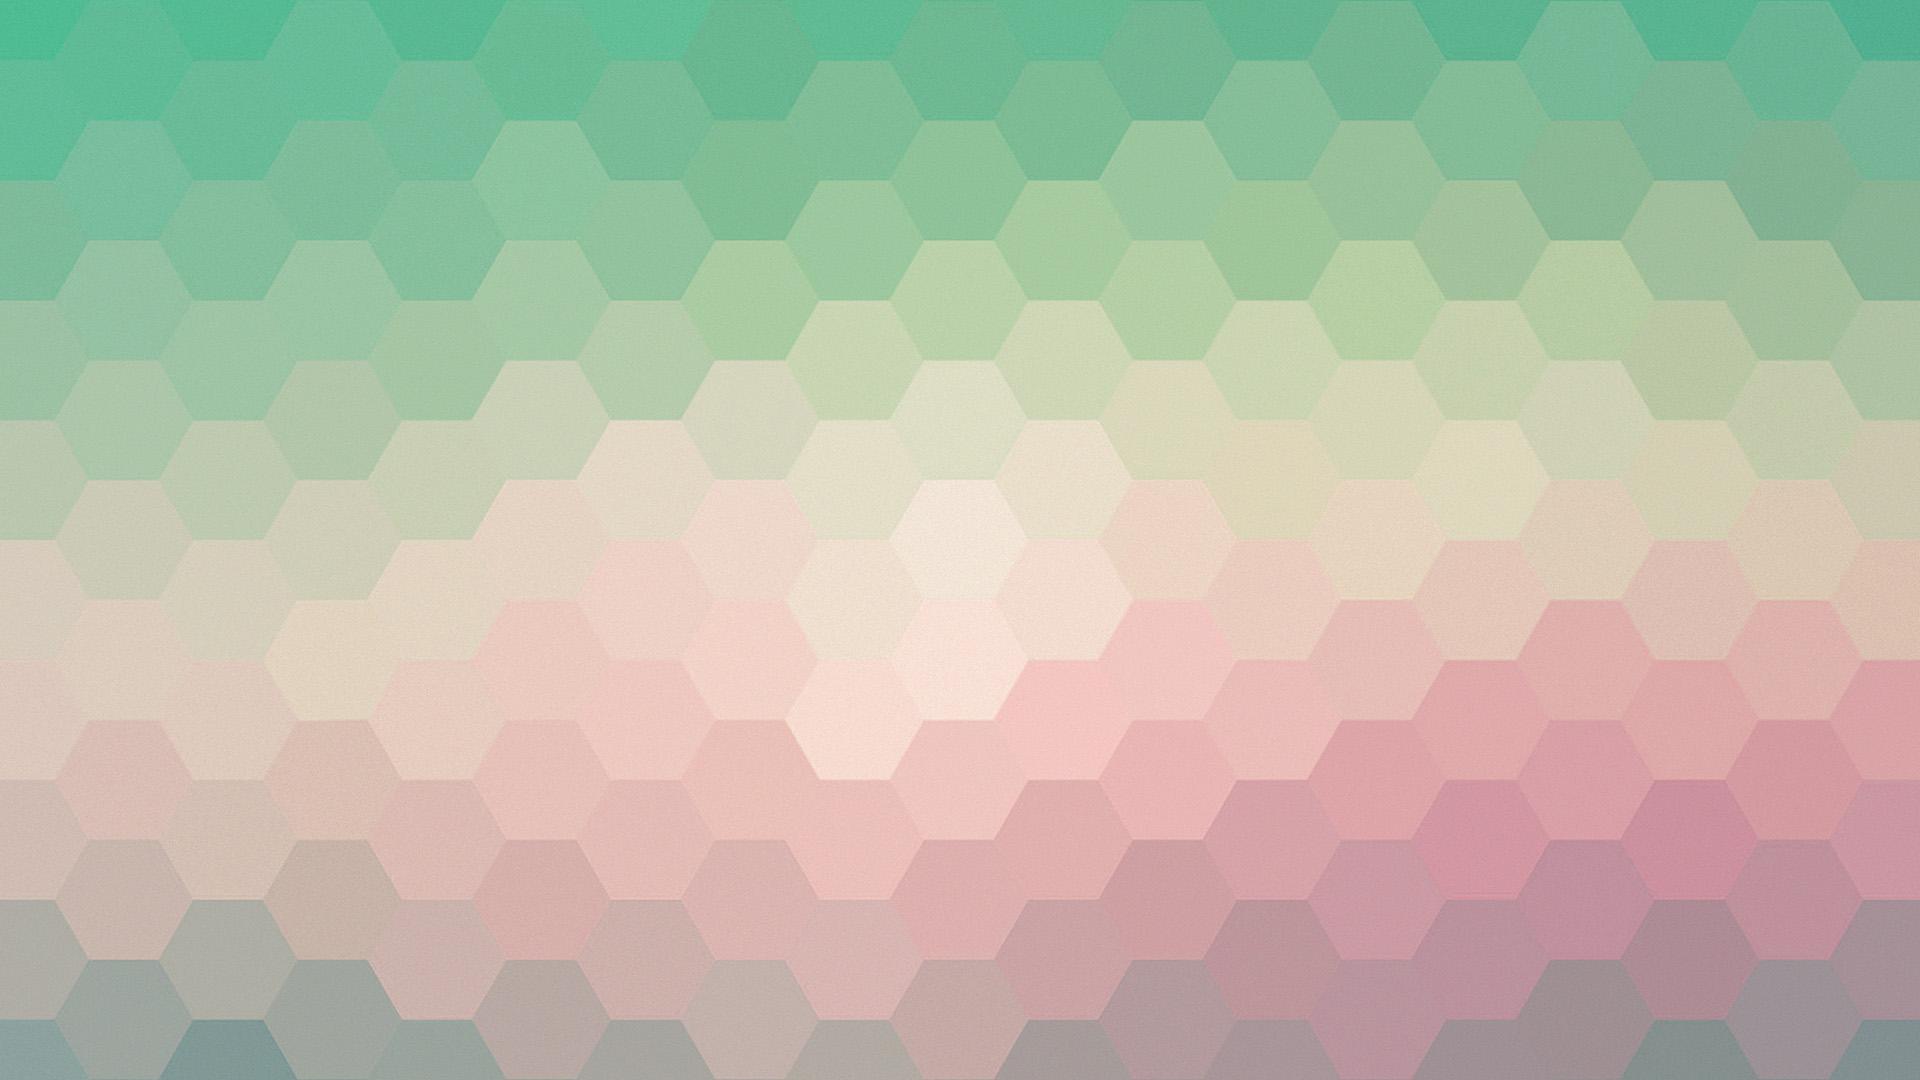 Fall Disney Wallpaper Vx40 Hexagon Green Red Pattern Background Wallpaper